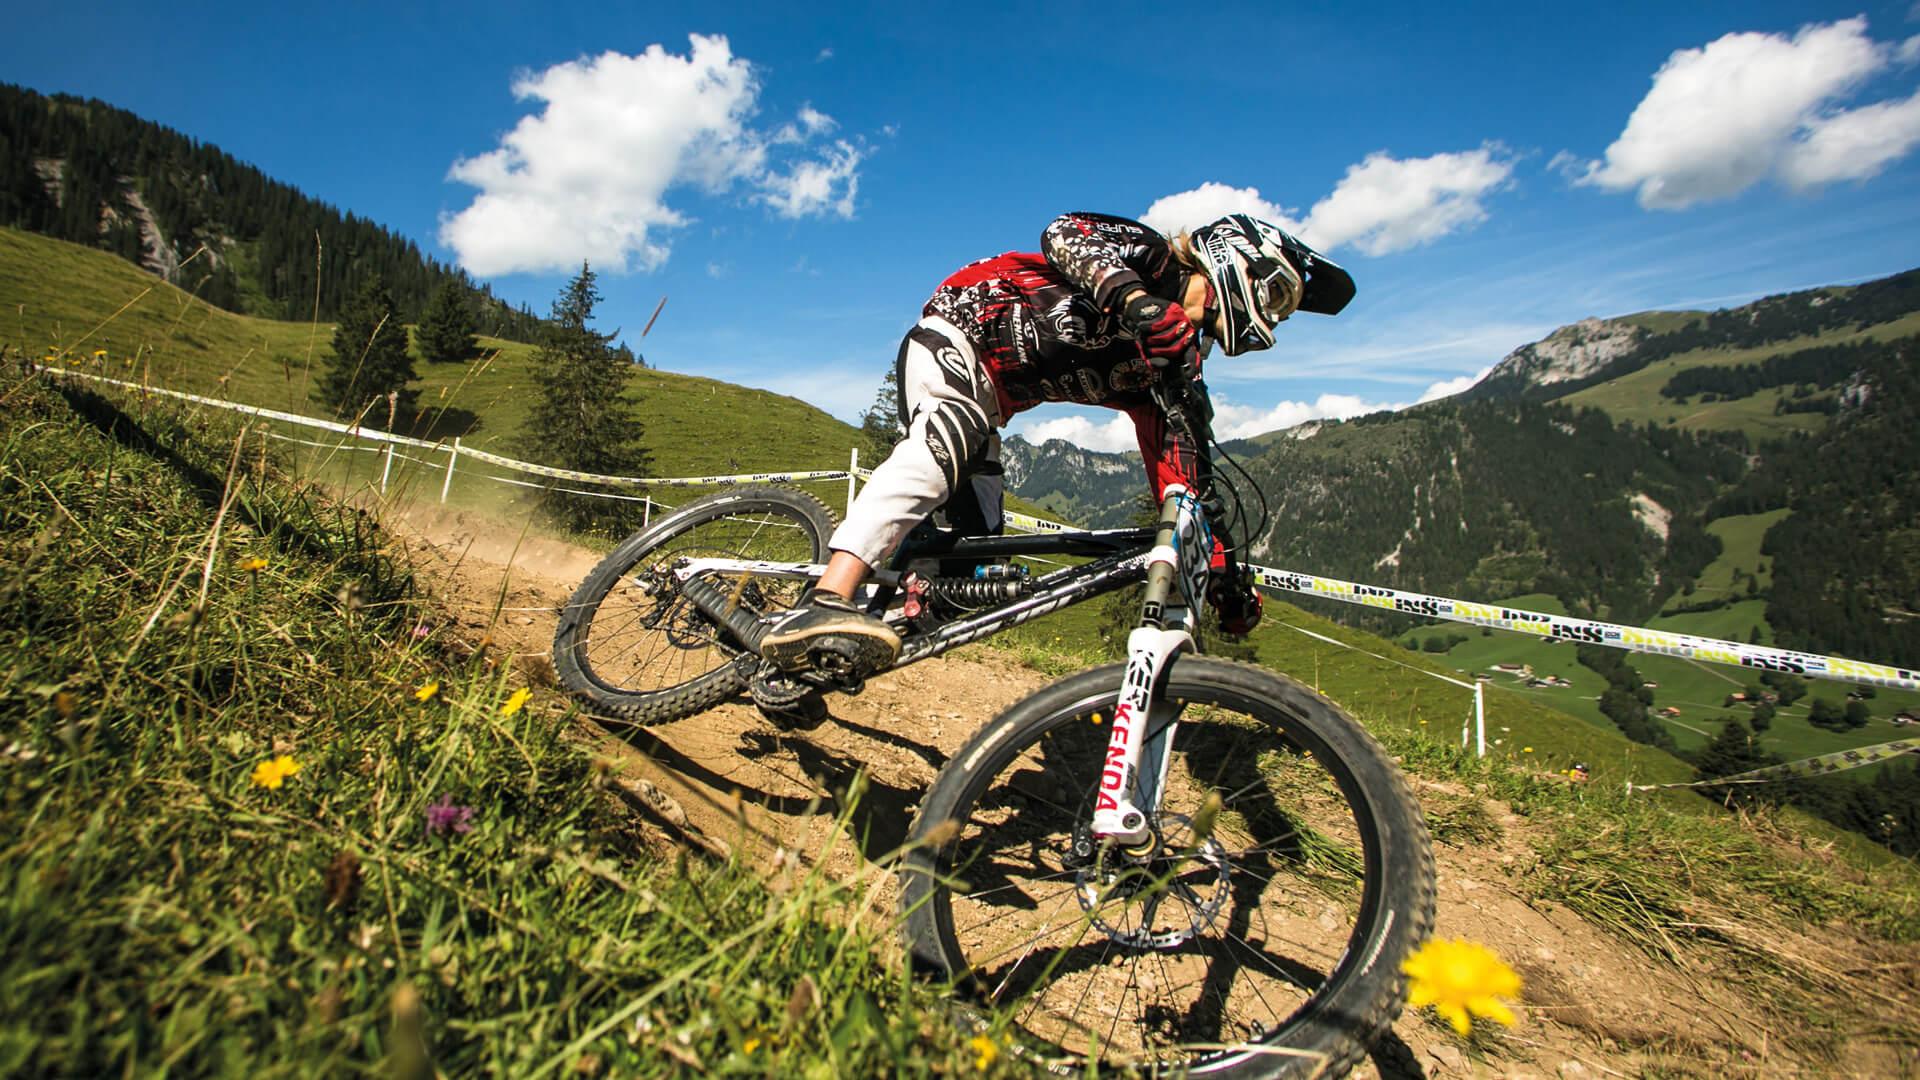 wiriehorn-abfahrt-downhill-bike-sommer-sport